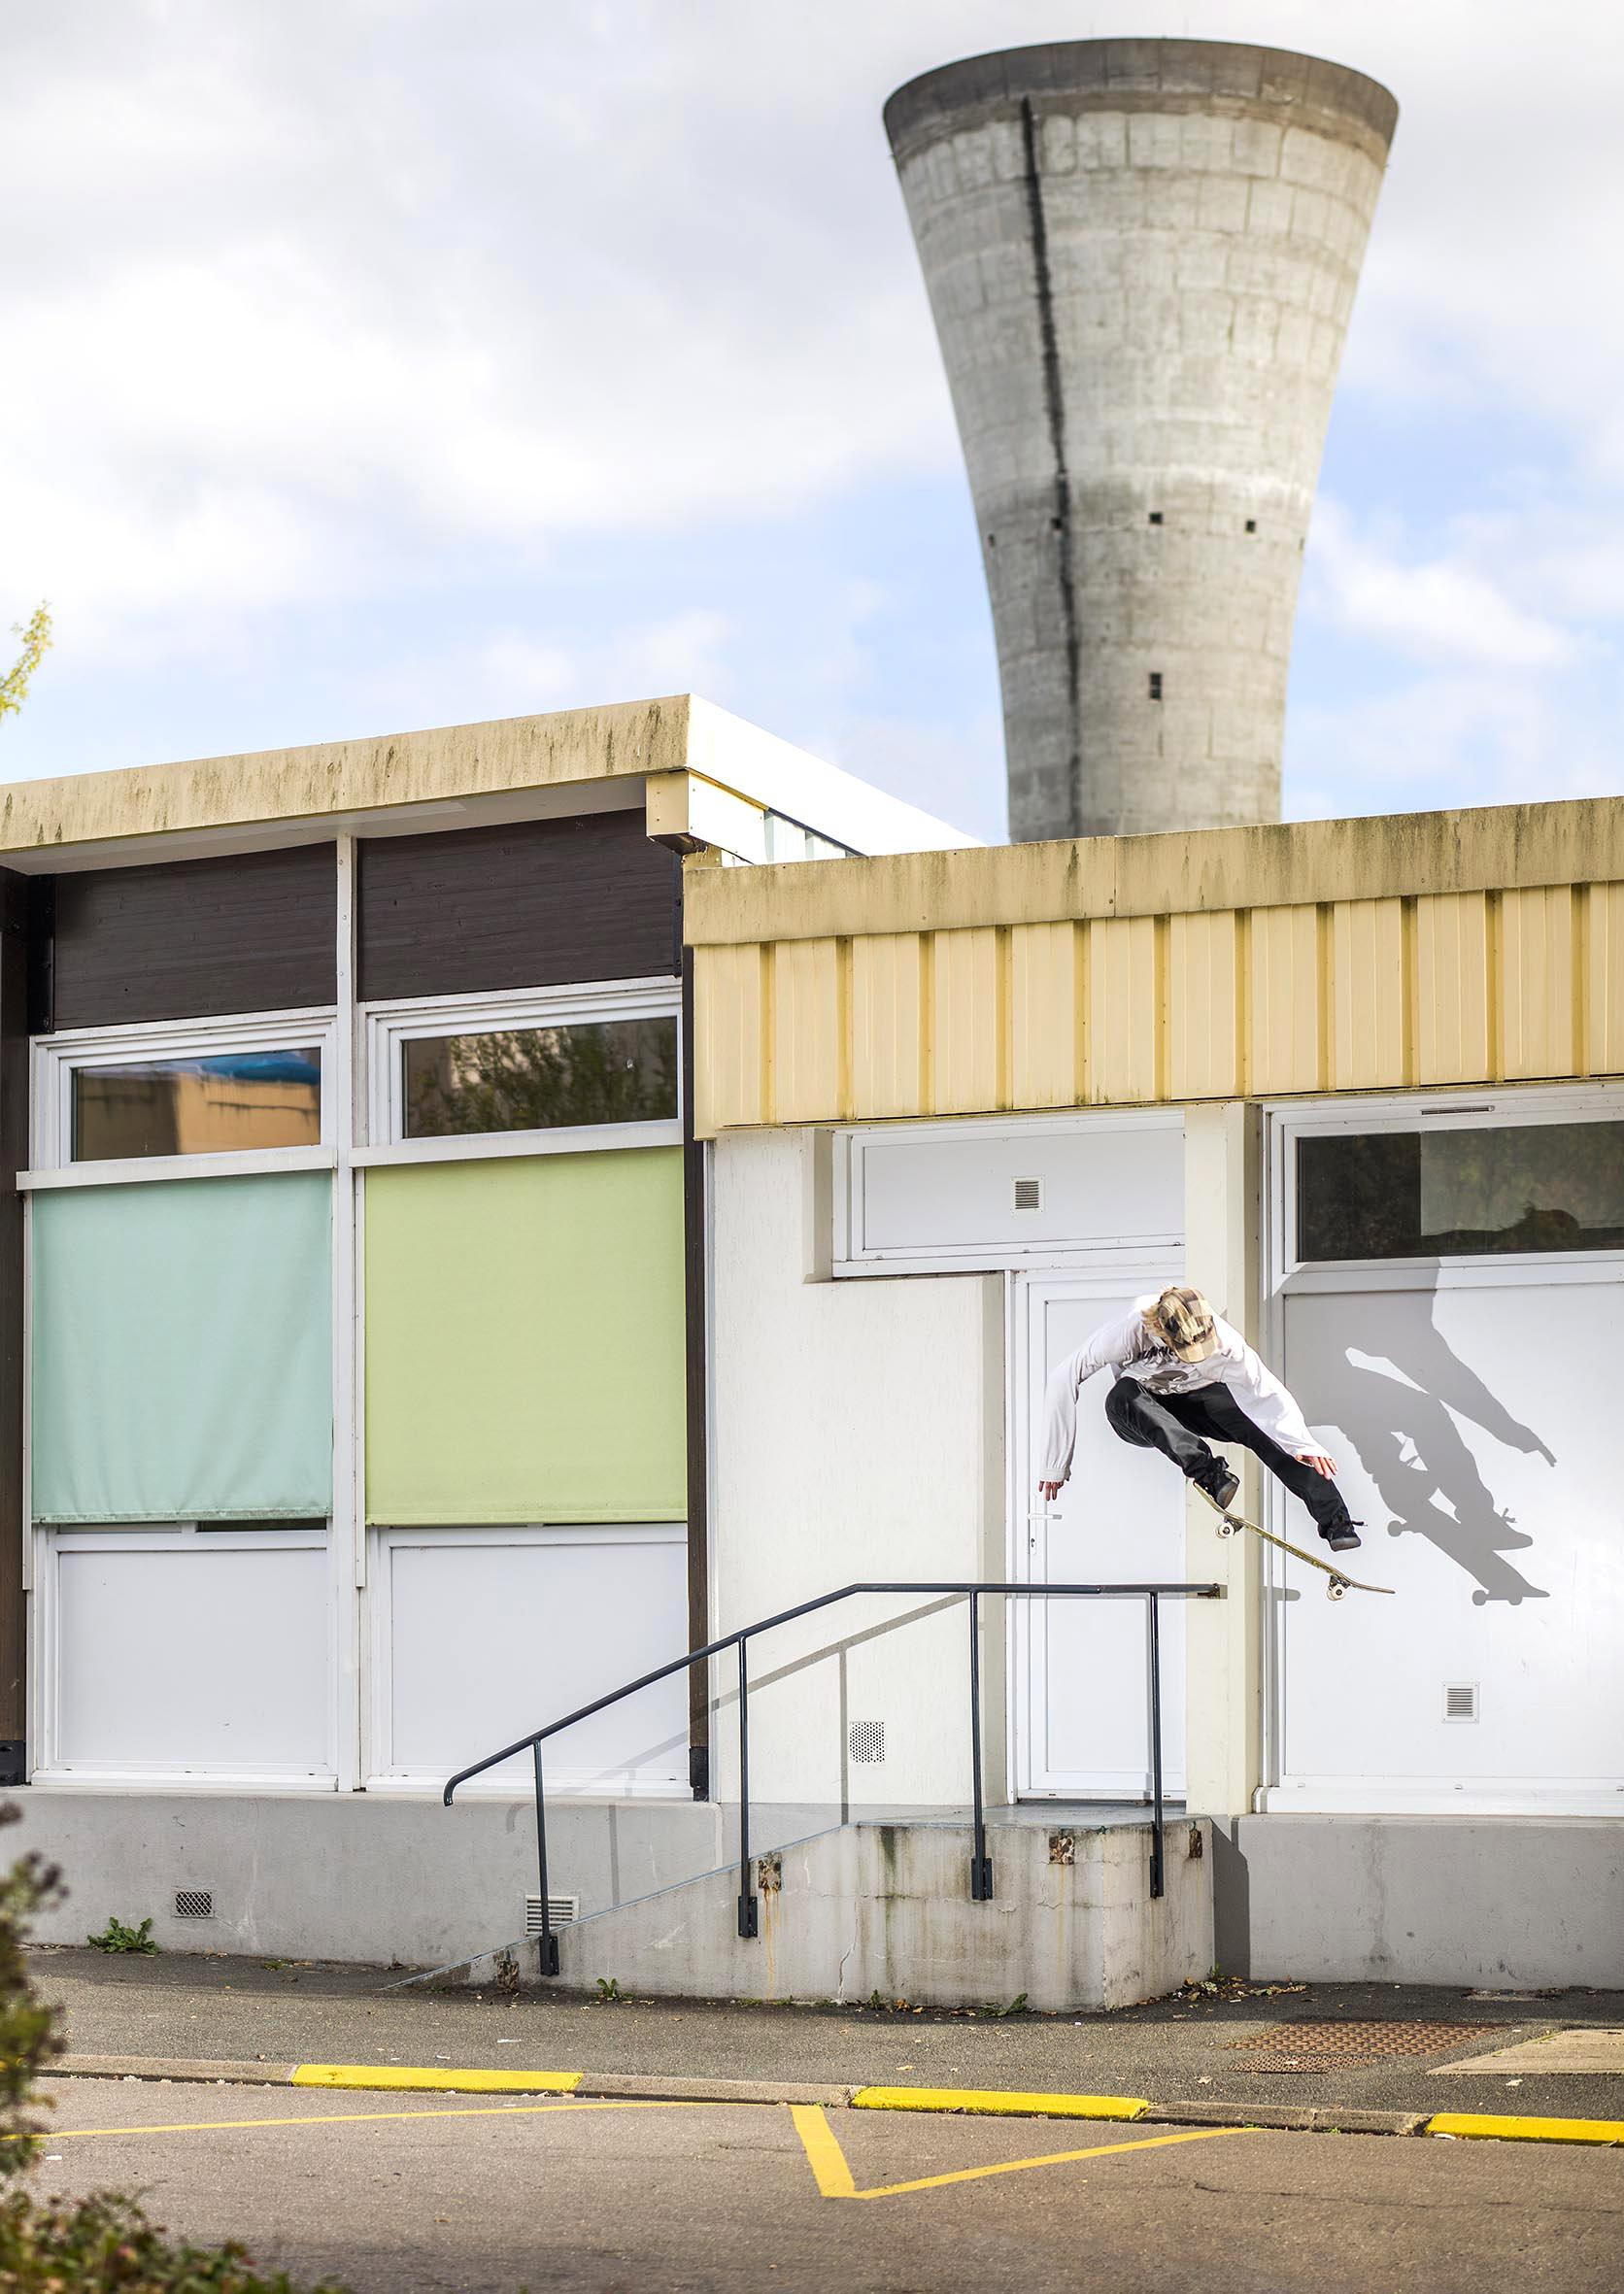 Jordan Sharkey - kickflip